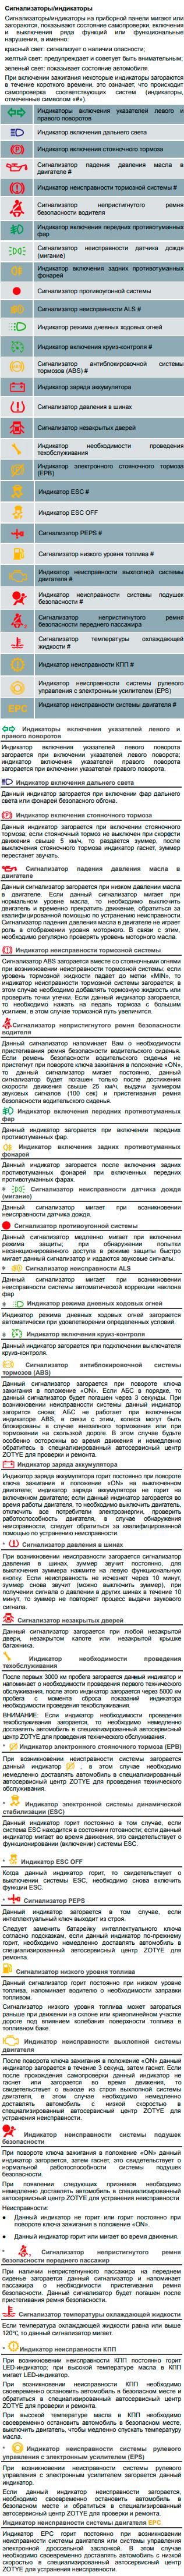 Сигнализаторы и индикаторы.png